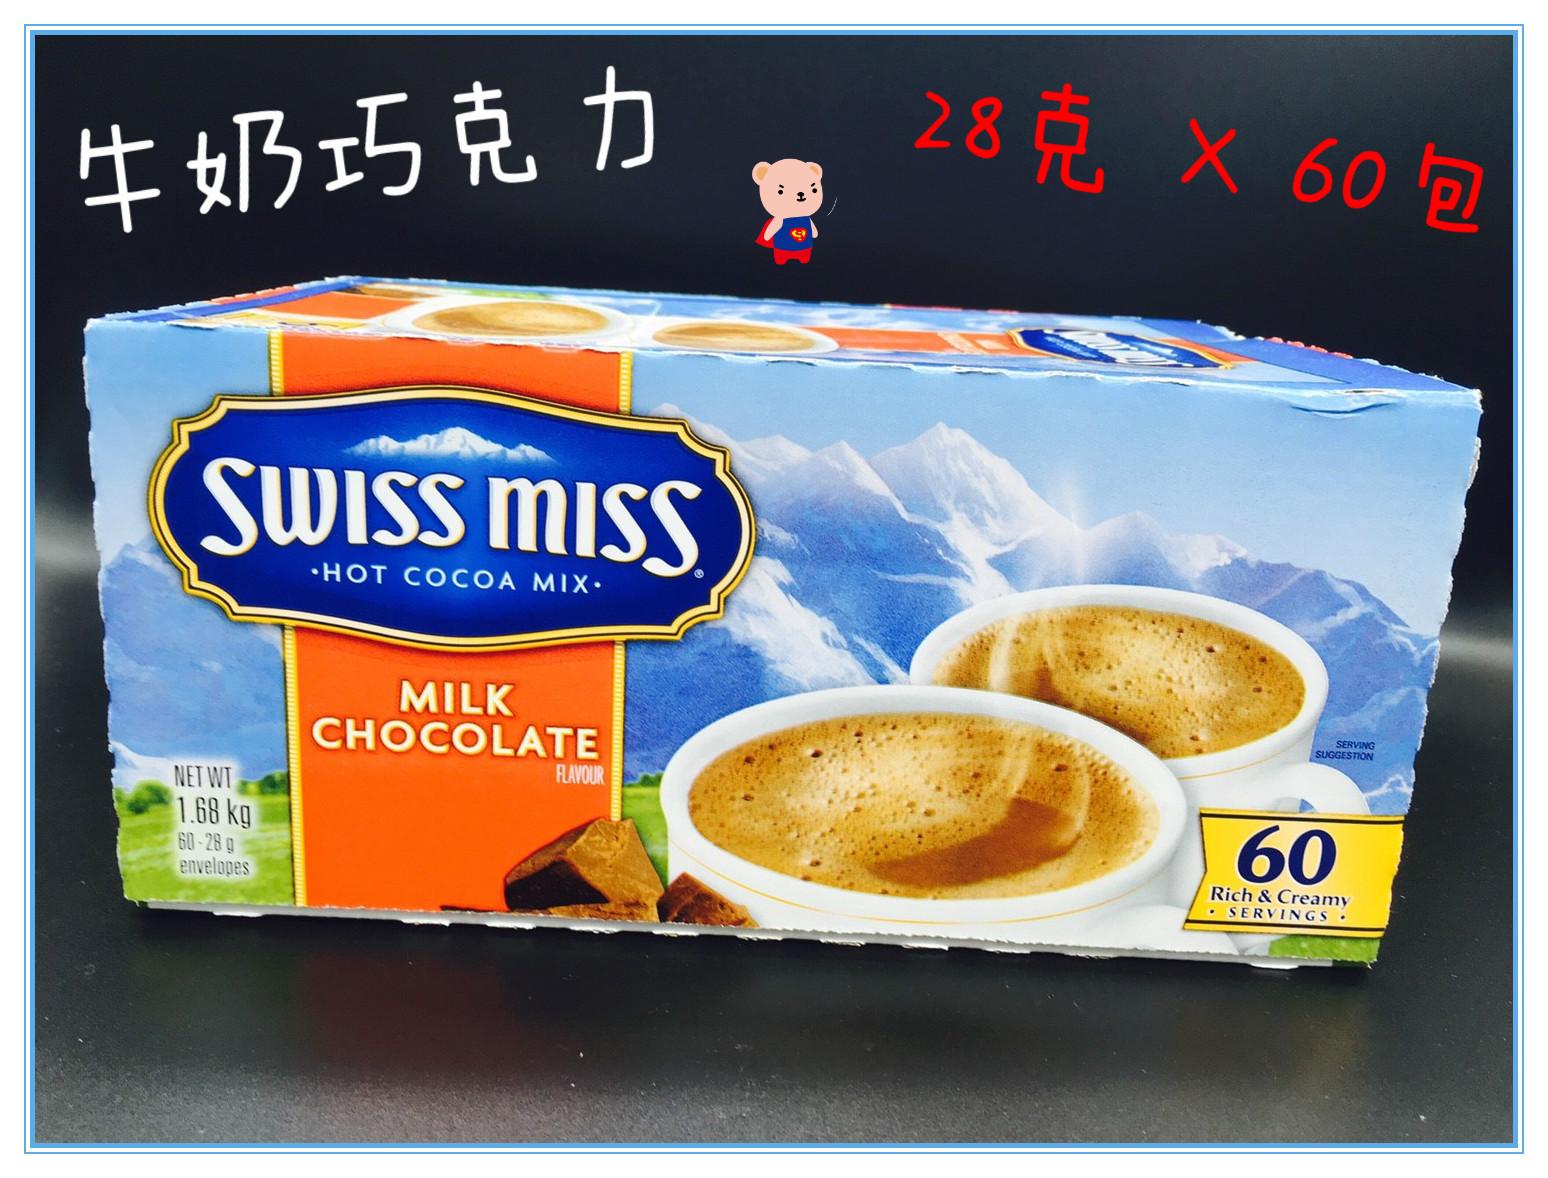 ?含發票?Swiss Miss香醇巧克力即溶可可粉/即溶可可粉?巧克力粉 可可粉 巧克力牛奶 隨手包 巧克力飲品 熱飲?